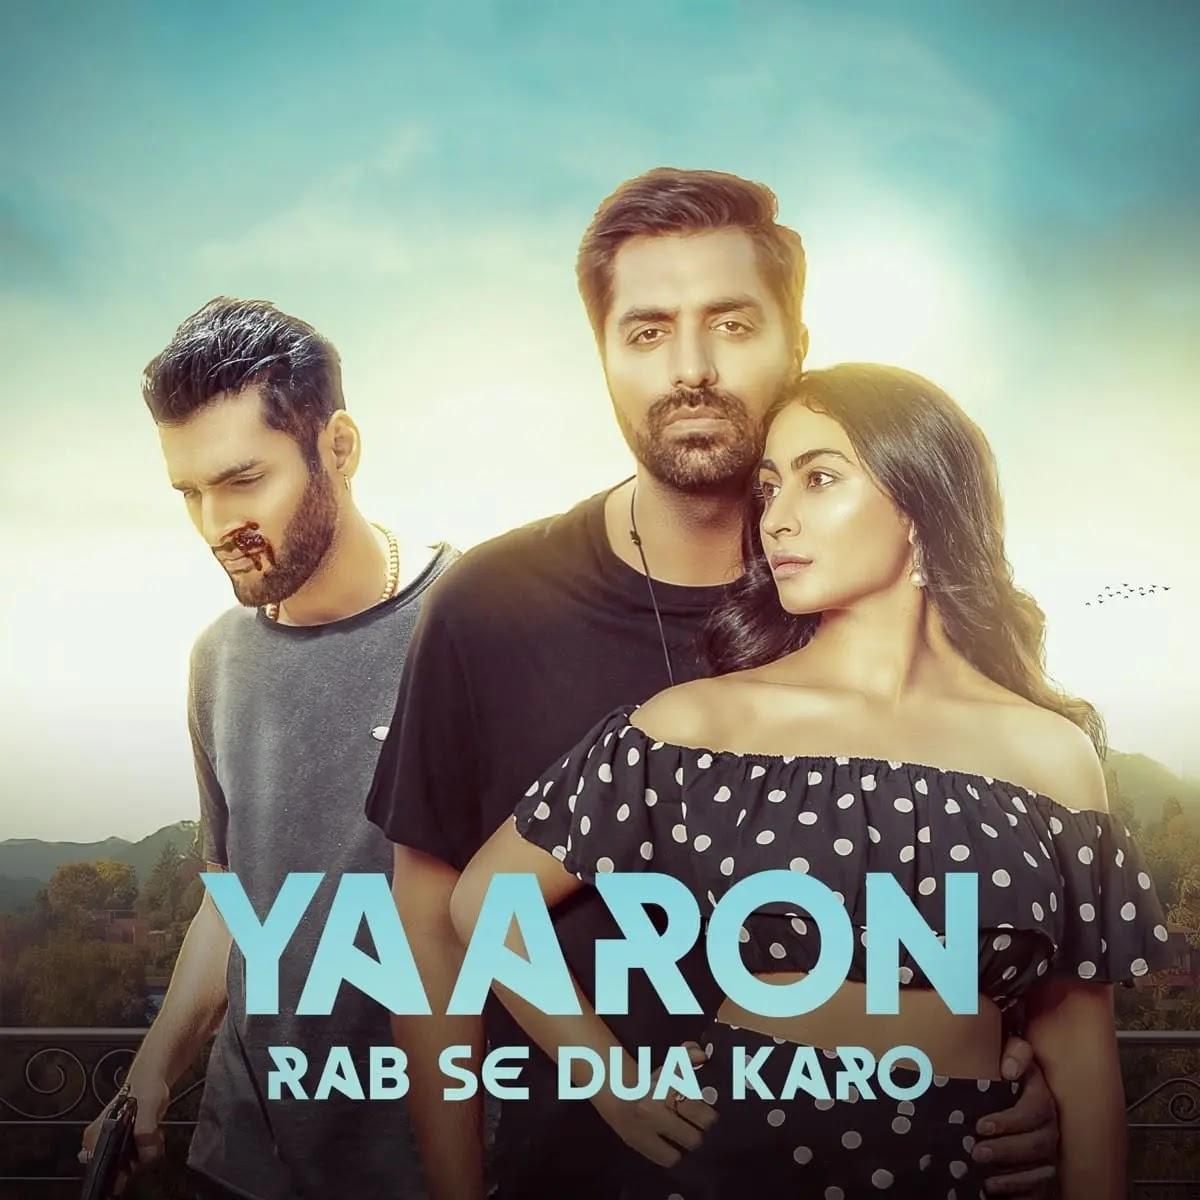 Yaaron Rab Se Dua Karo Mp3 Song Download 320kbps Free